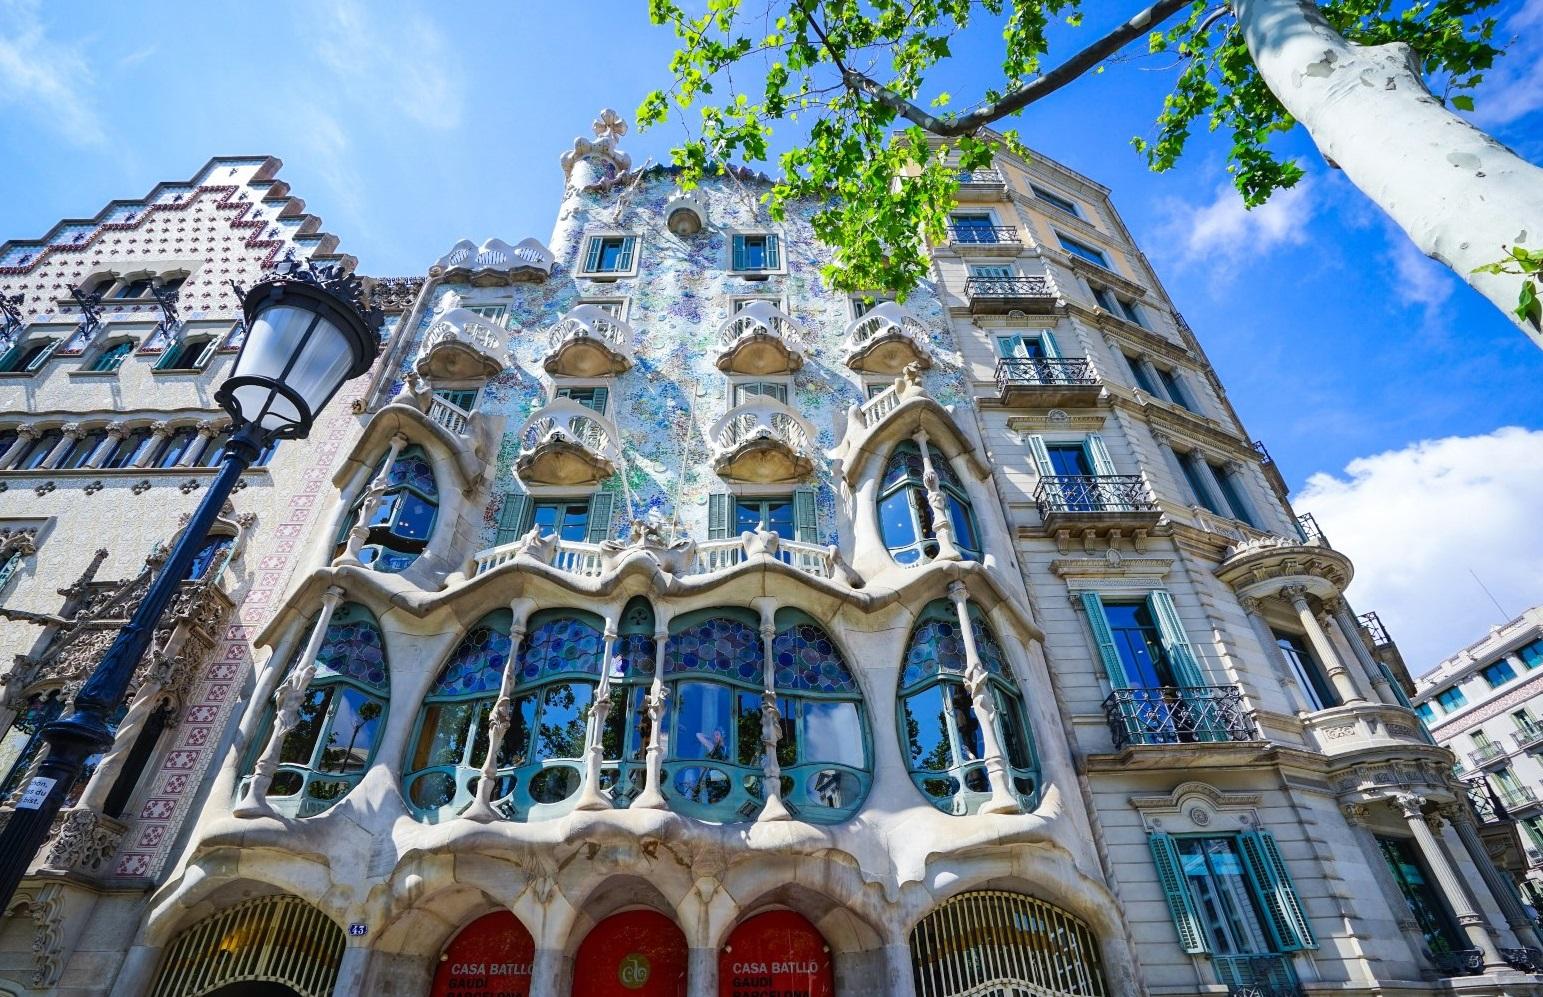 巴塞罗那,高迪建筑